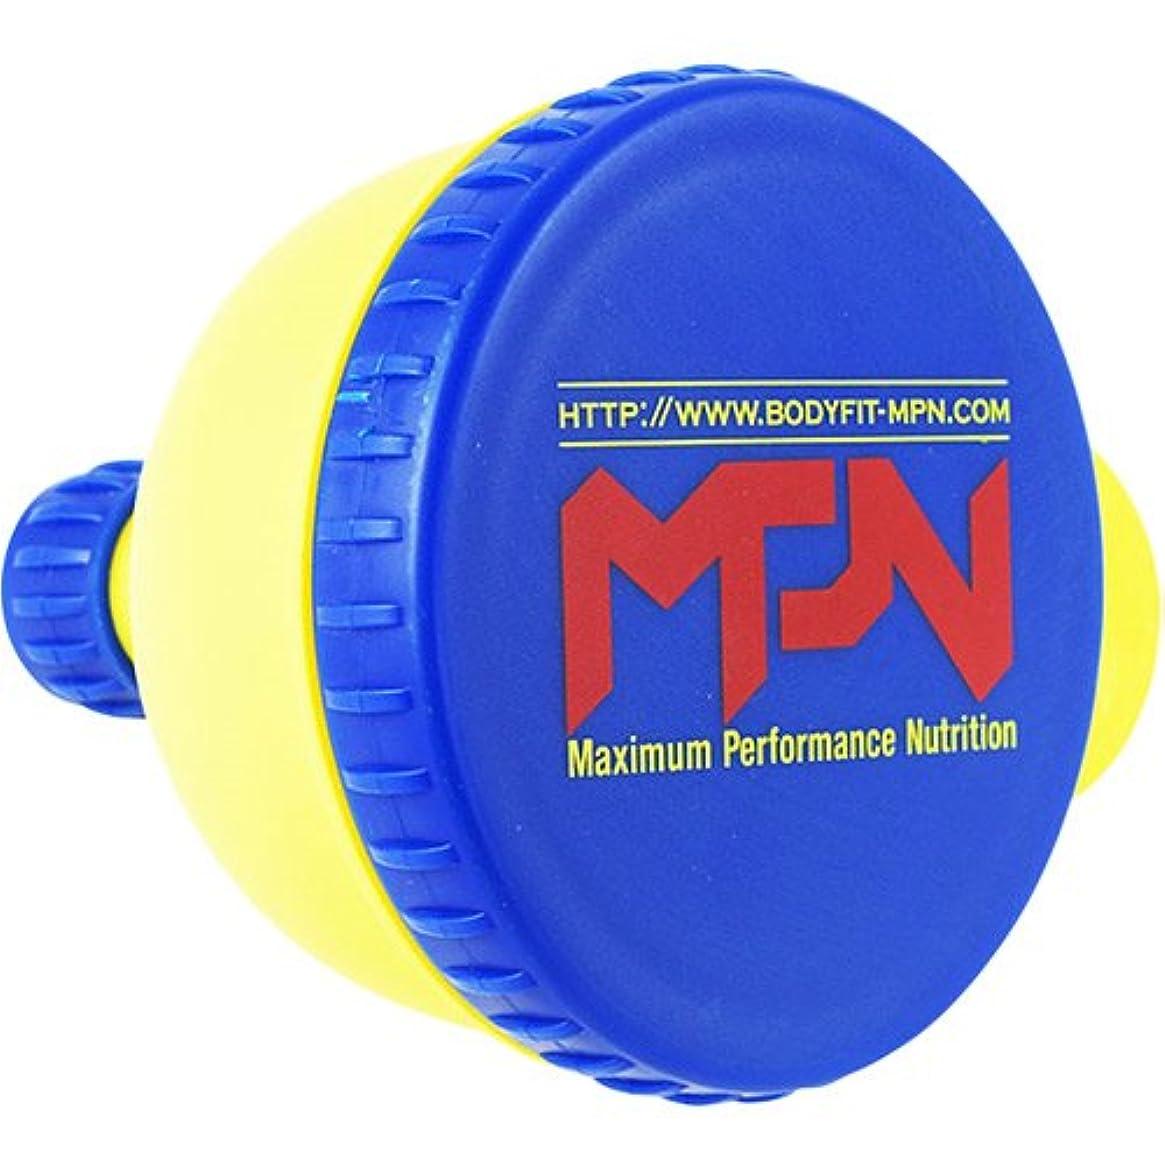 フラッシュのように素早く晩ごはん許さないボディフィット MPN ファンネル 粉末サプリメント小分け携帯用漏斗